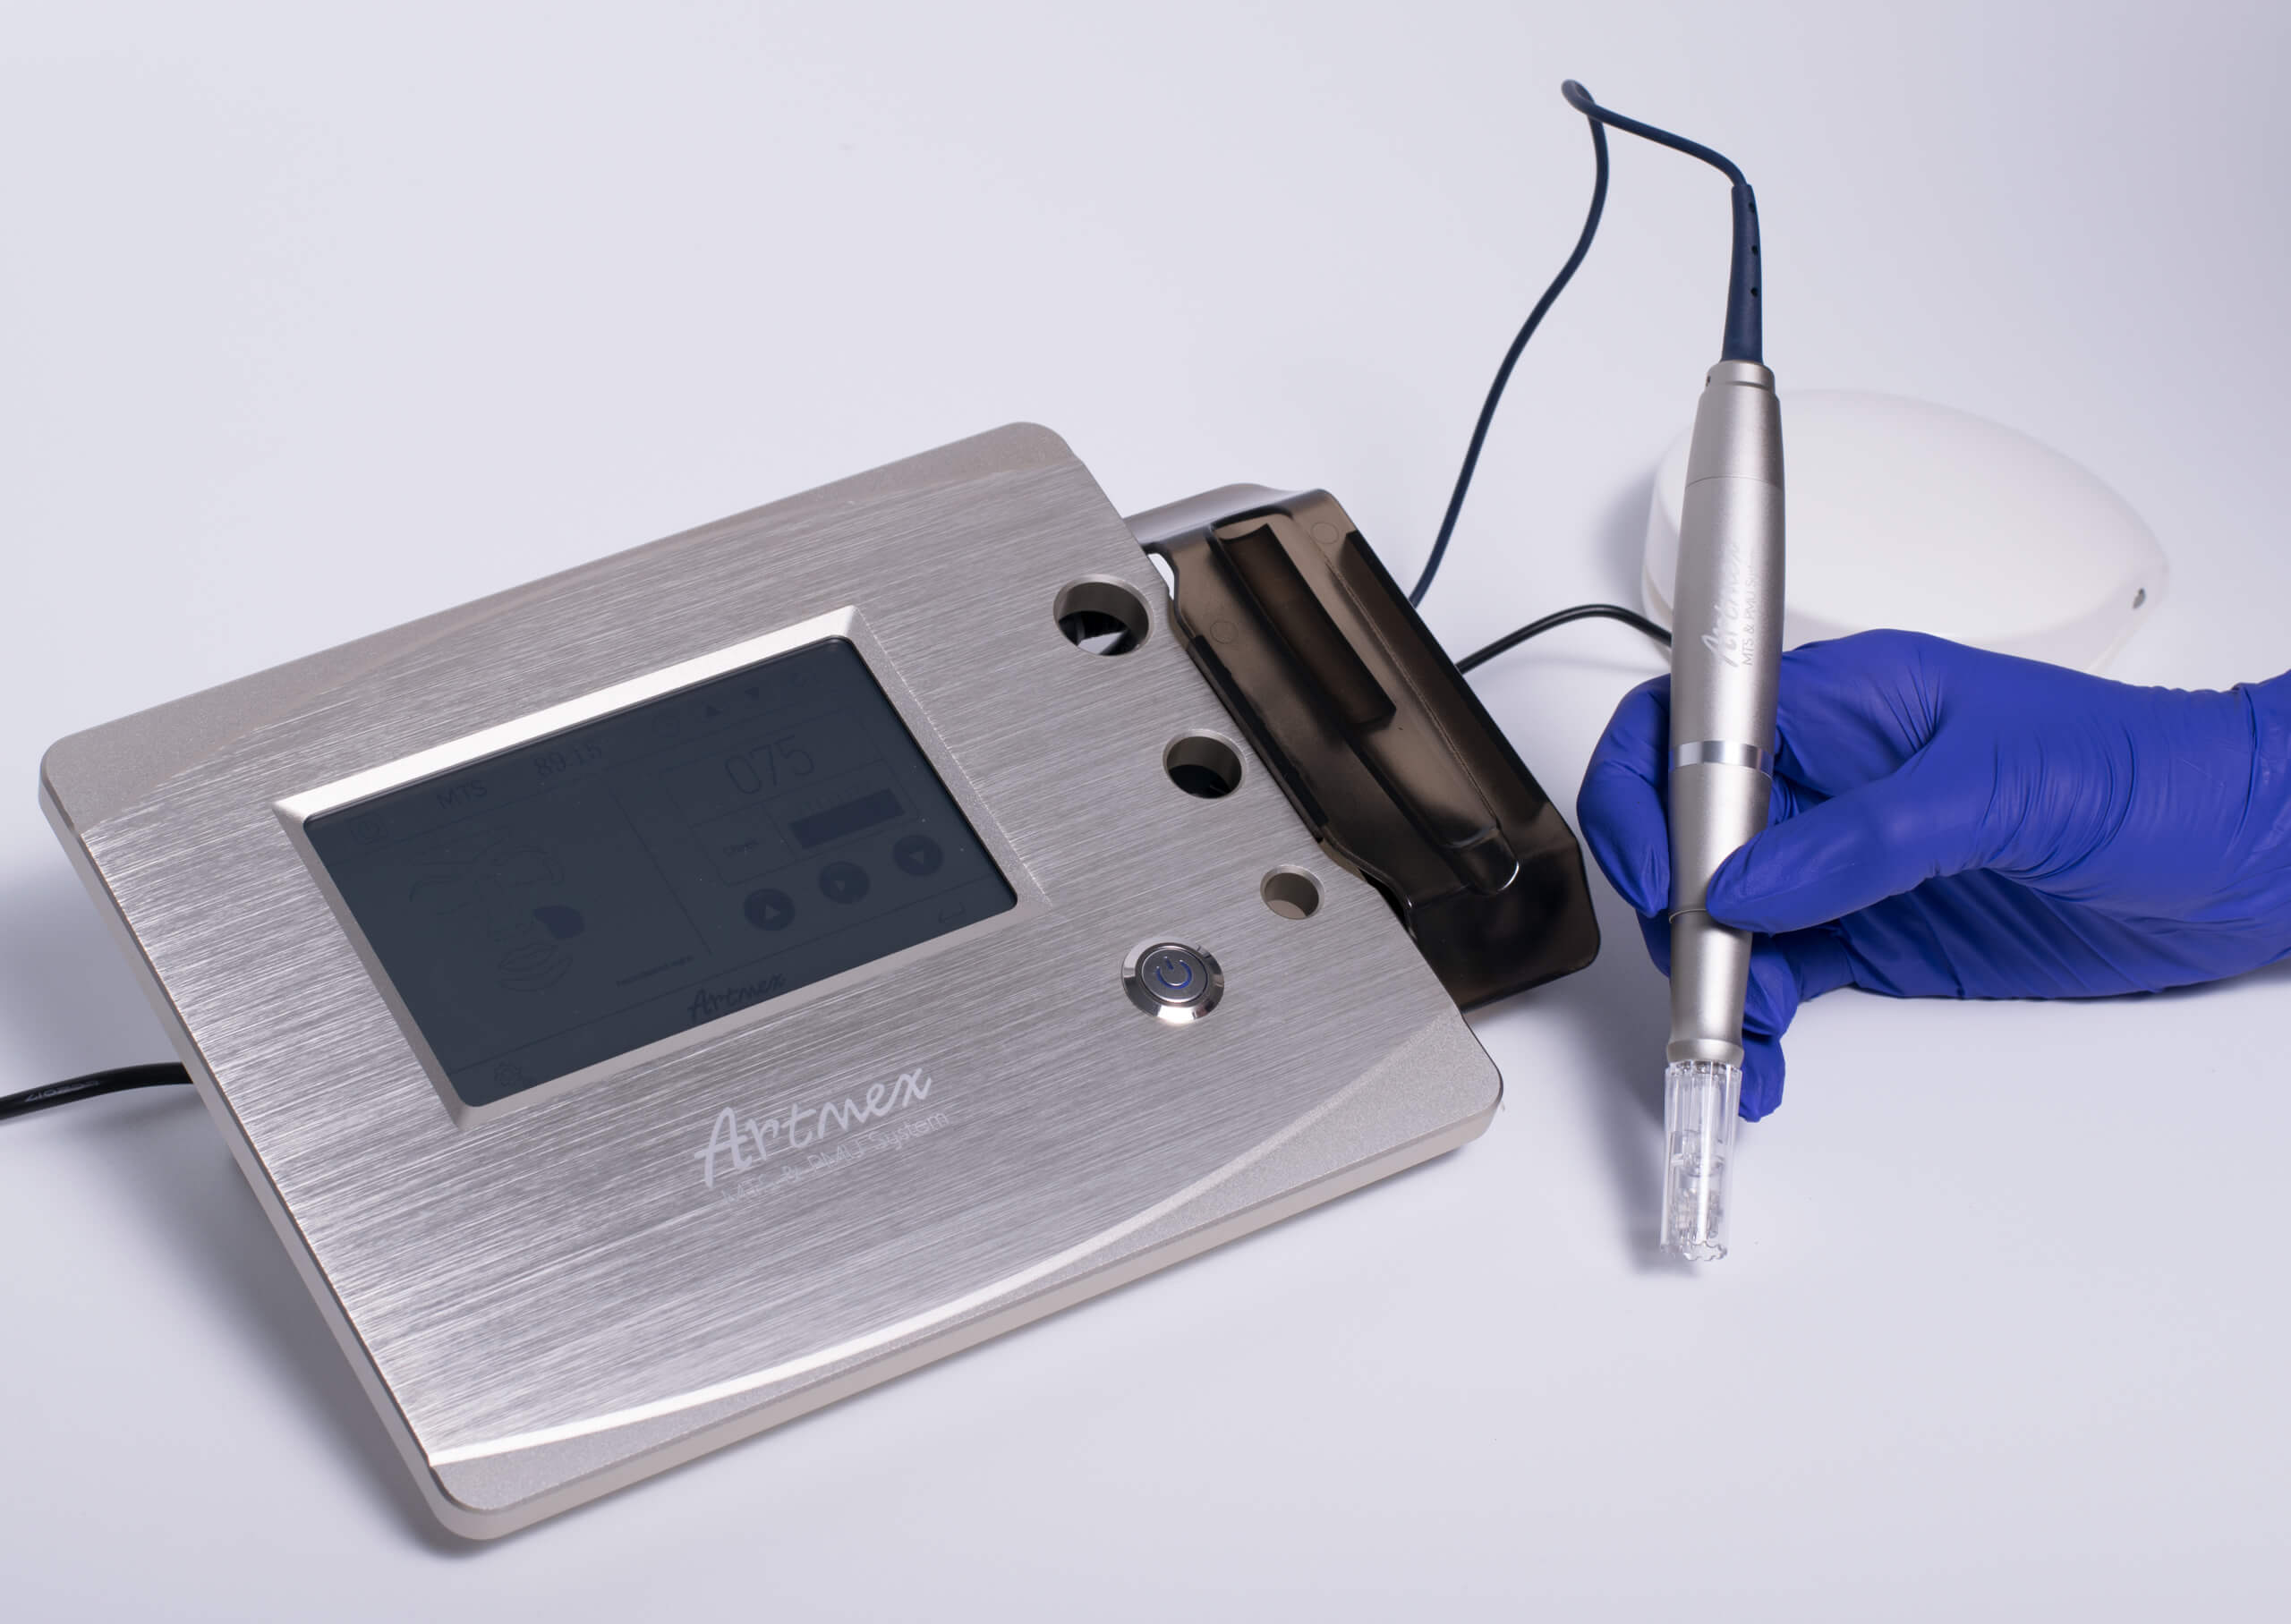 Specjalne kartridże wprowadzają składniki aktywne w głębsze warstwy skóry